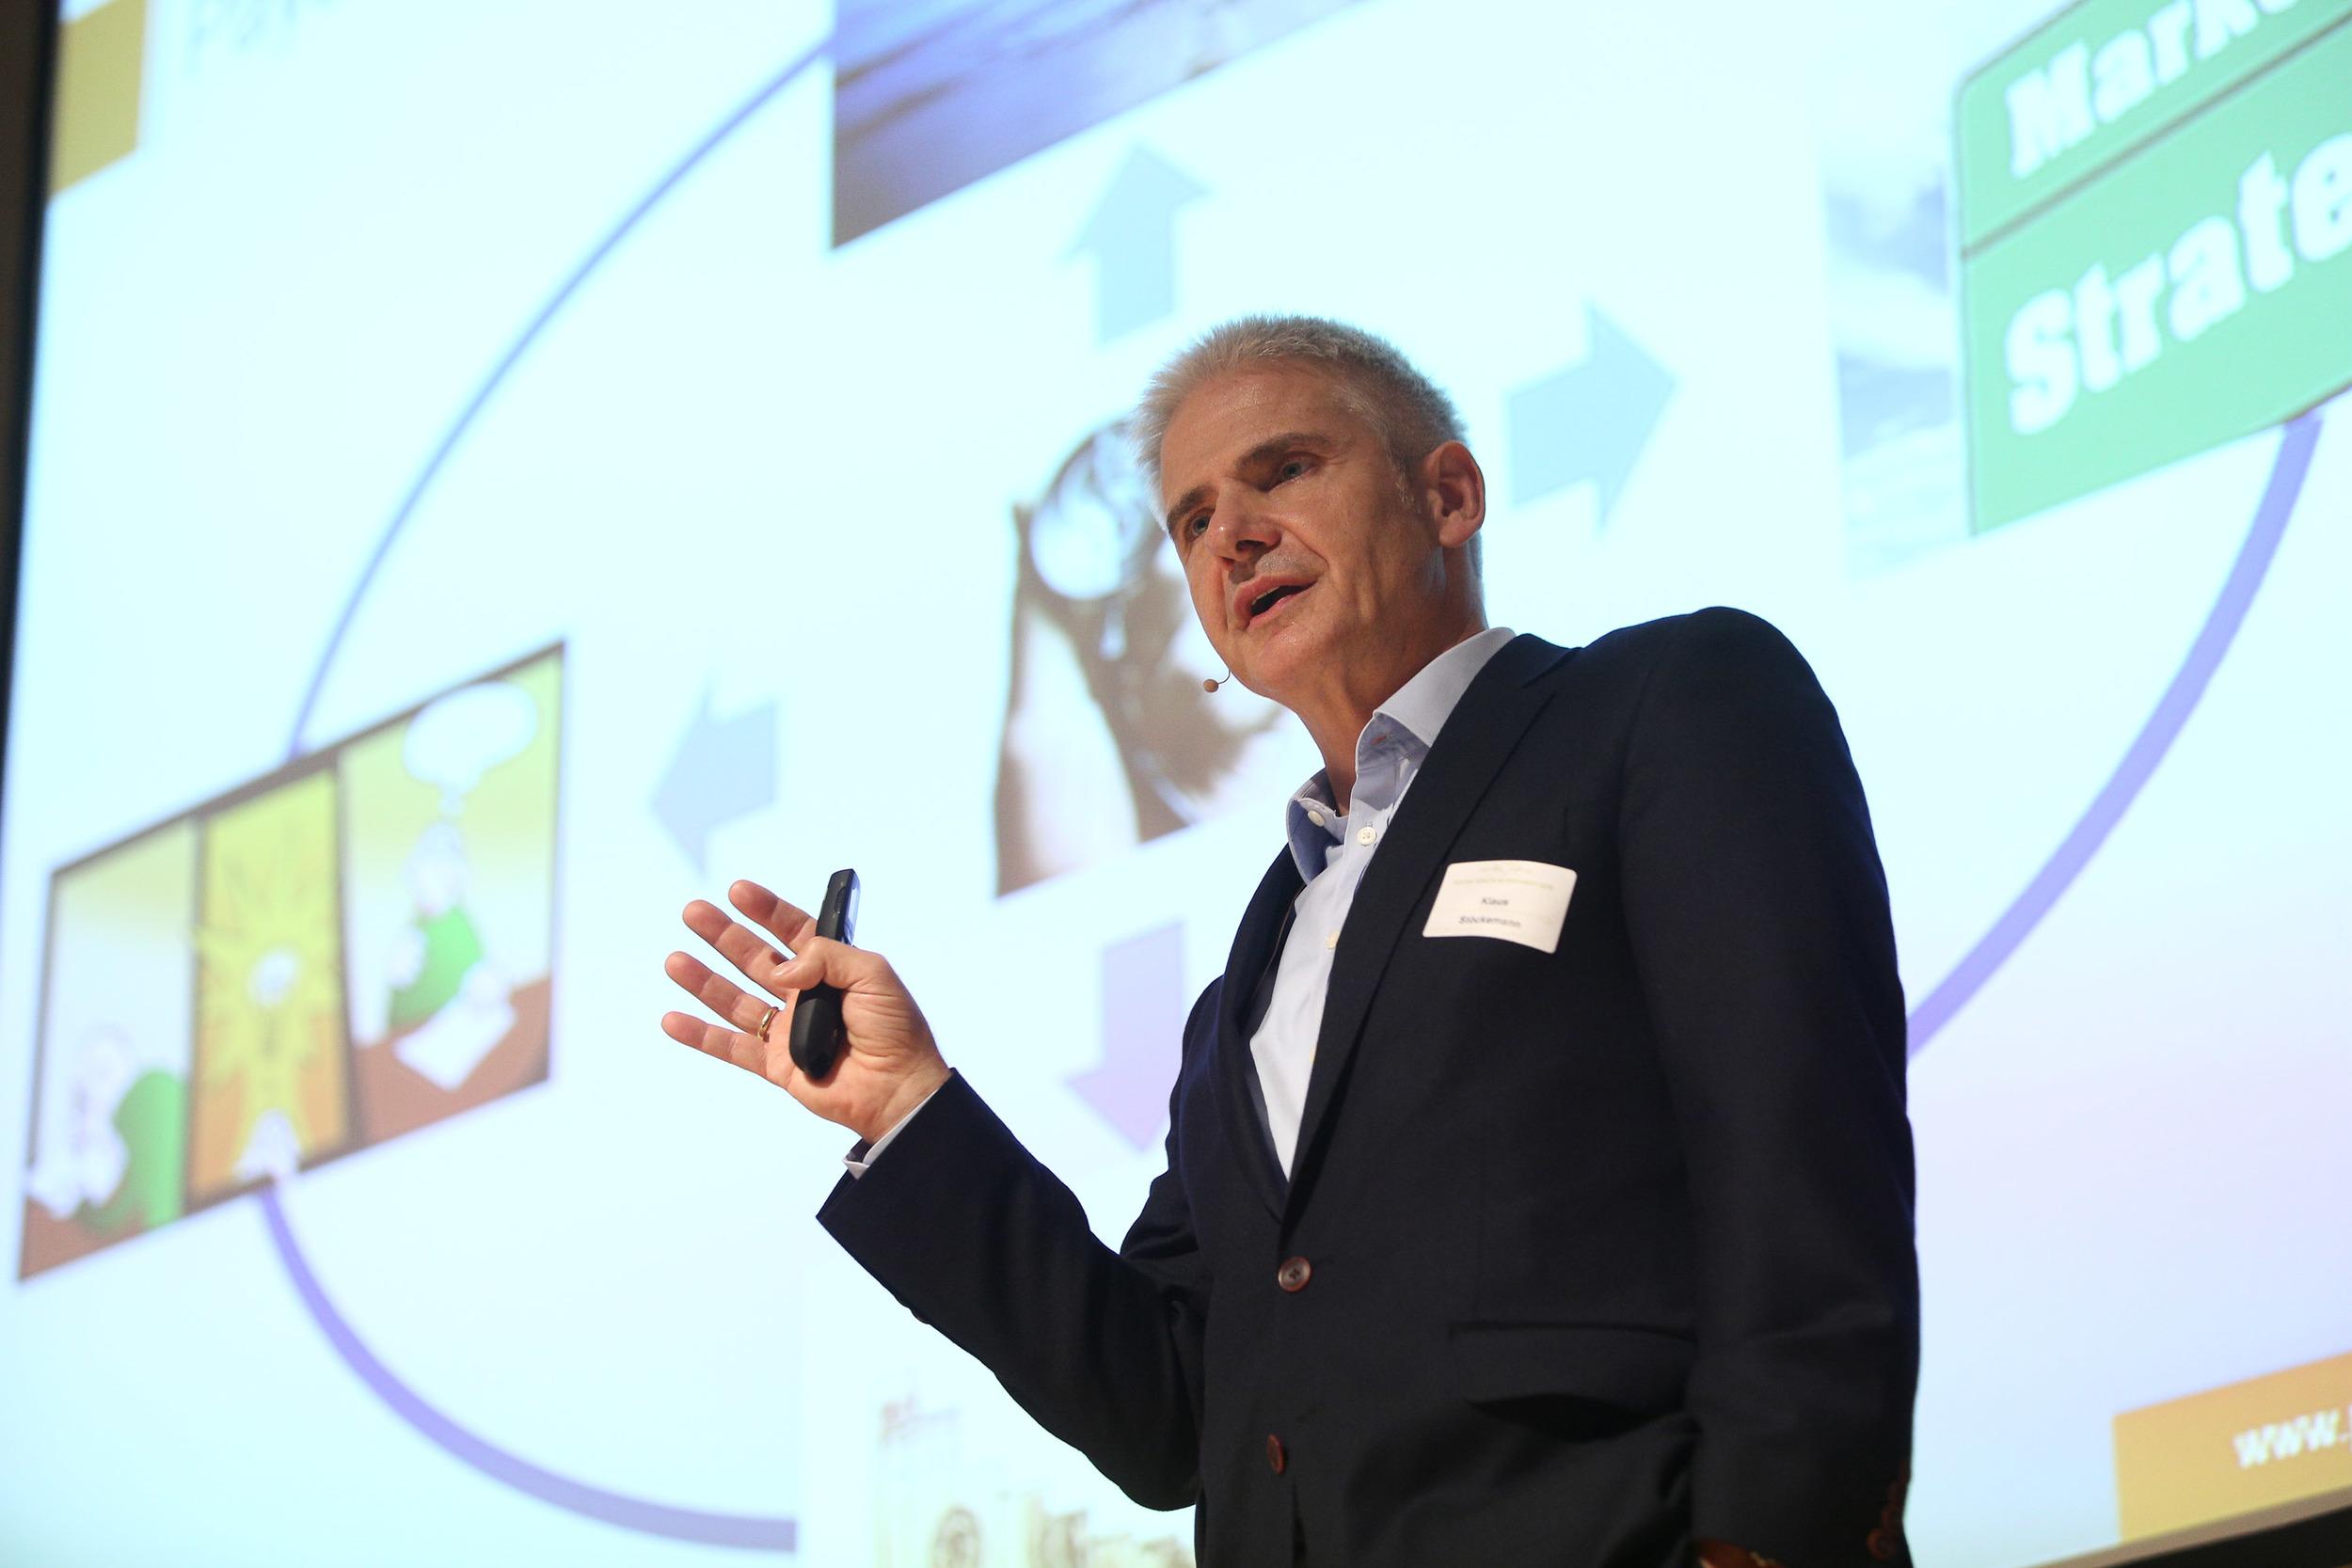 Dr. Klaus Stöckemann /photo: Jernej Lasič